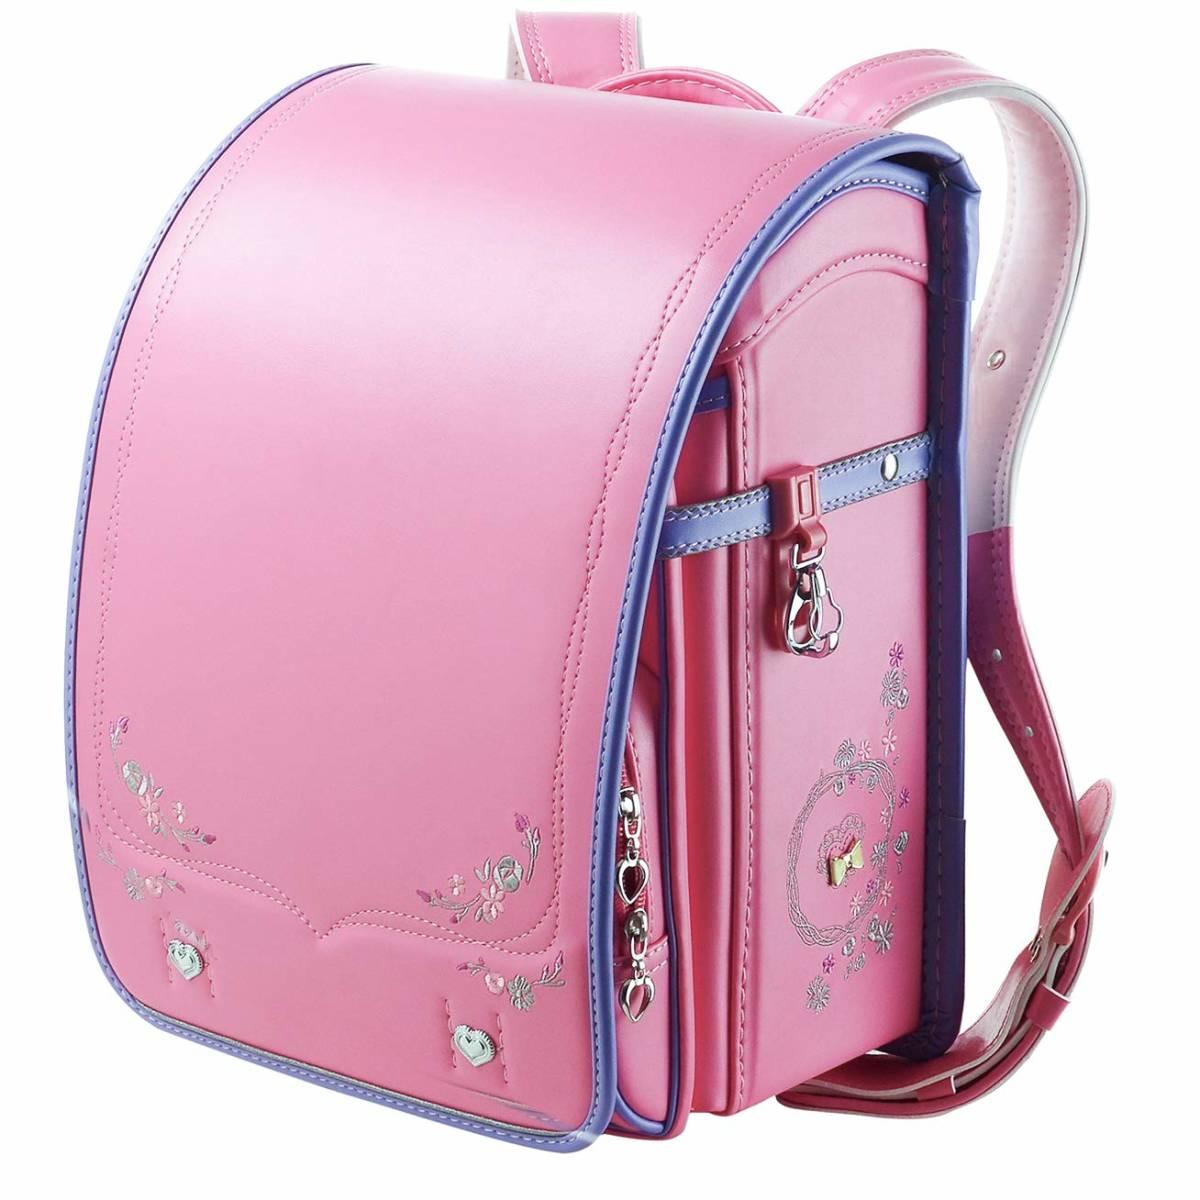 ランドセル プリンセス A4フラットファイル対応 刺繍 可愛い ピンク